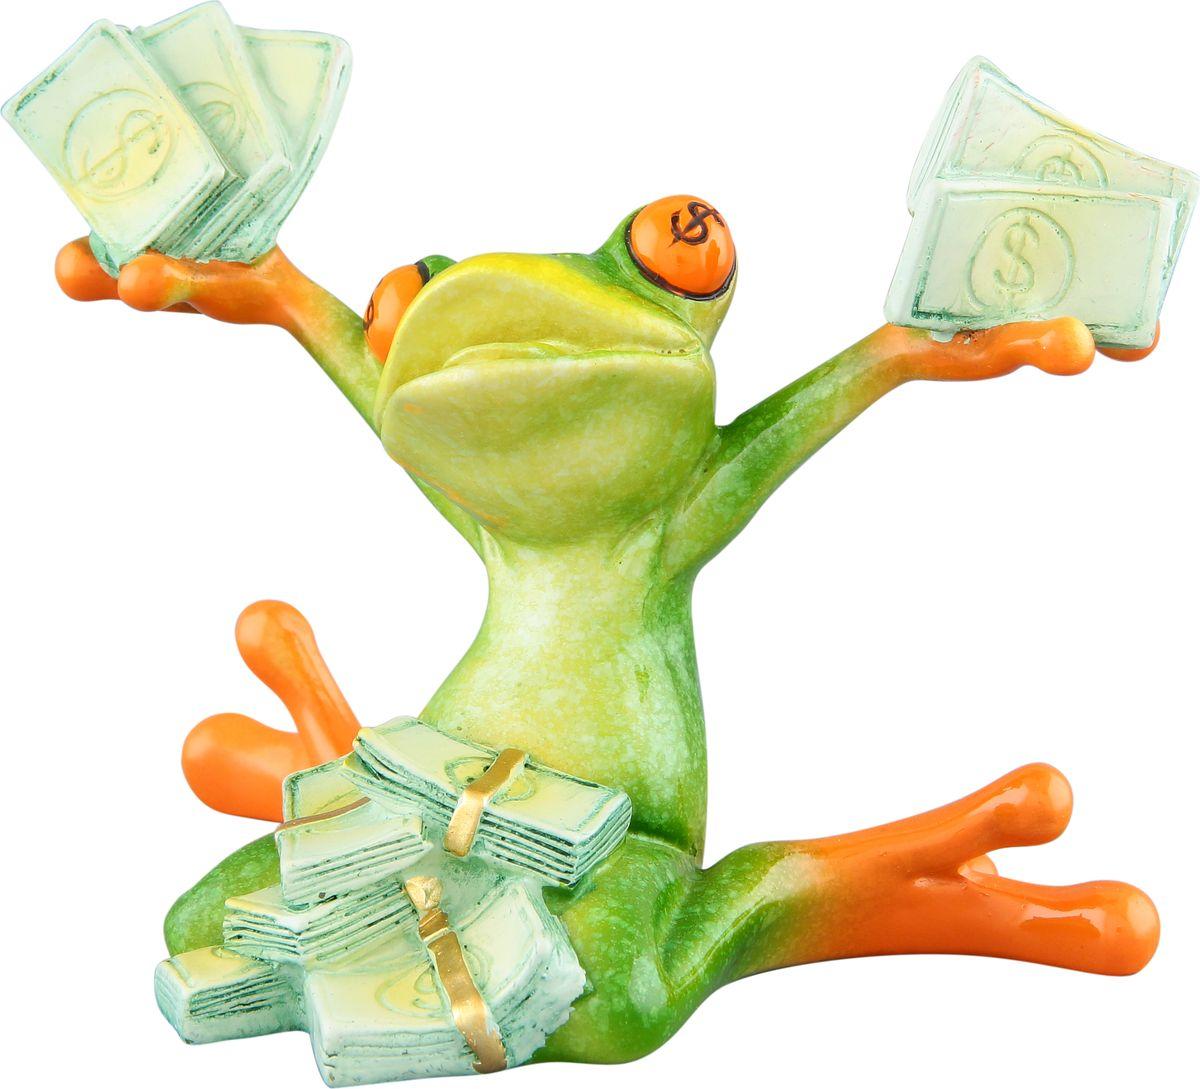 Фигурка декоративная Elan Gallery Денежная лягушка к прибыли, высота 9,5 смTHN132NДекоративные фигурки - это отличный способ разнообразить внутреннее убранство вашего дома. Декоративная фигурка с изображением лягушки станет прекрасным сувениром, который вызовет улыбку и поднимет настроение.Фигурка выполнена из полистоуна.Размер статуэтки: 12 х 9 х 9,5 см.